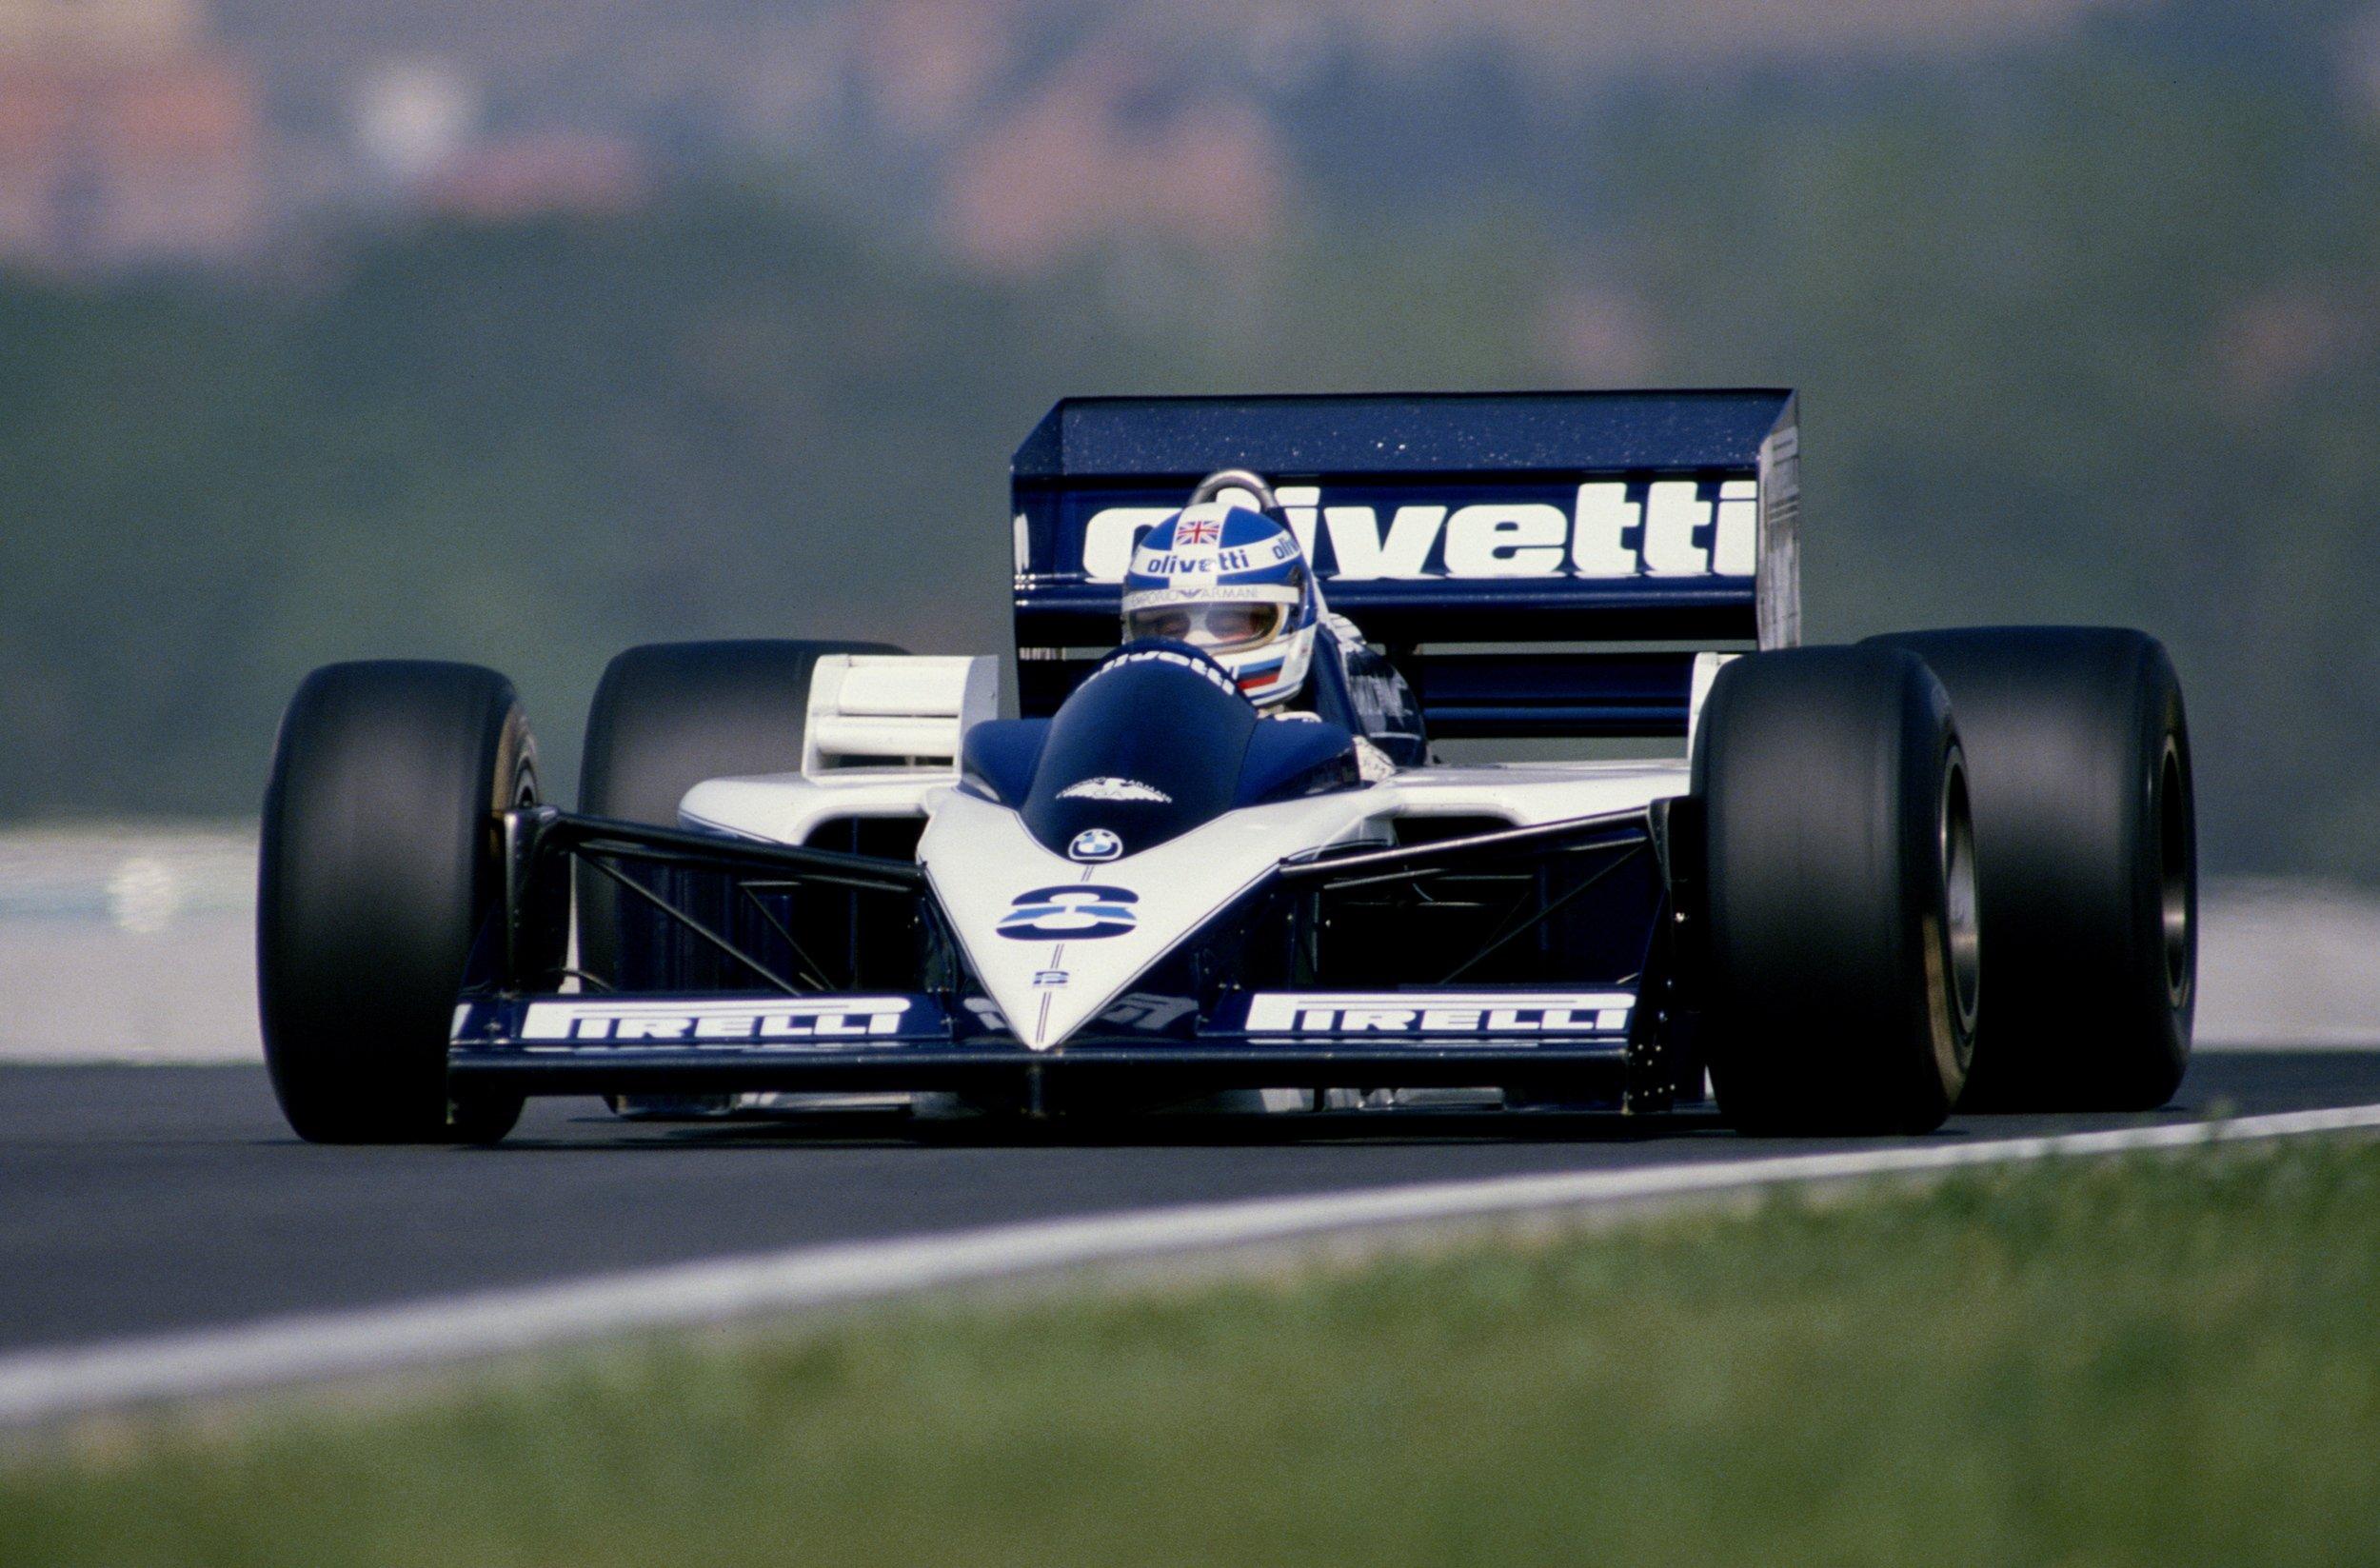 Cars That Start With D >> 1986 Brabham BT55 F-1 formula race racing wallpaper | 2500x1647 | 541371 | WallpaperUP